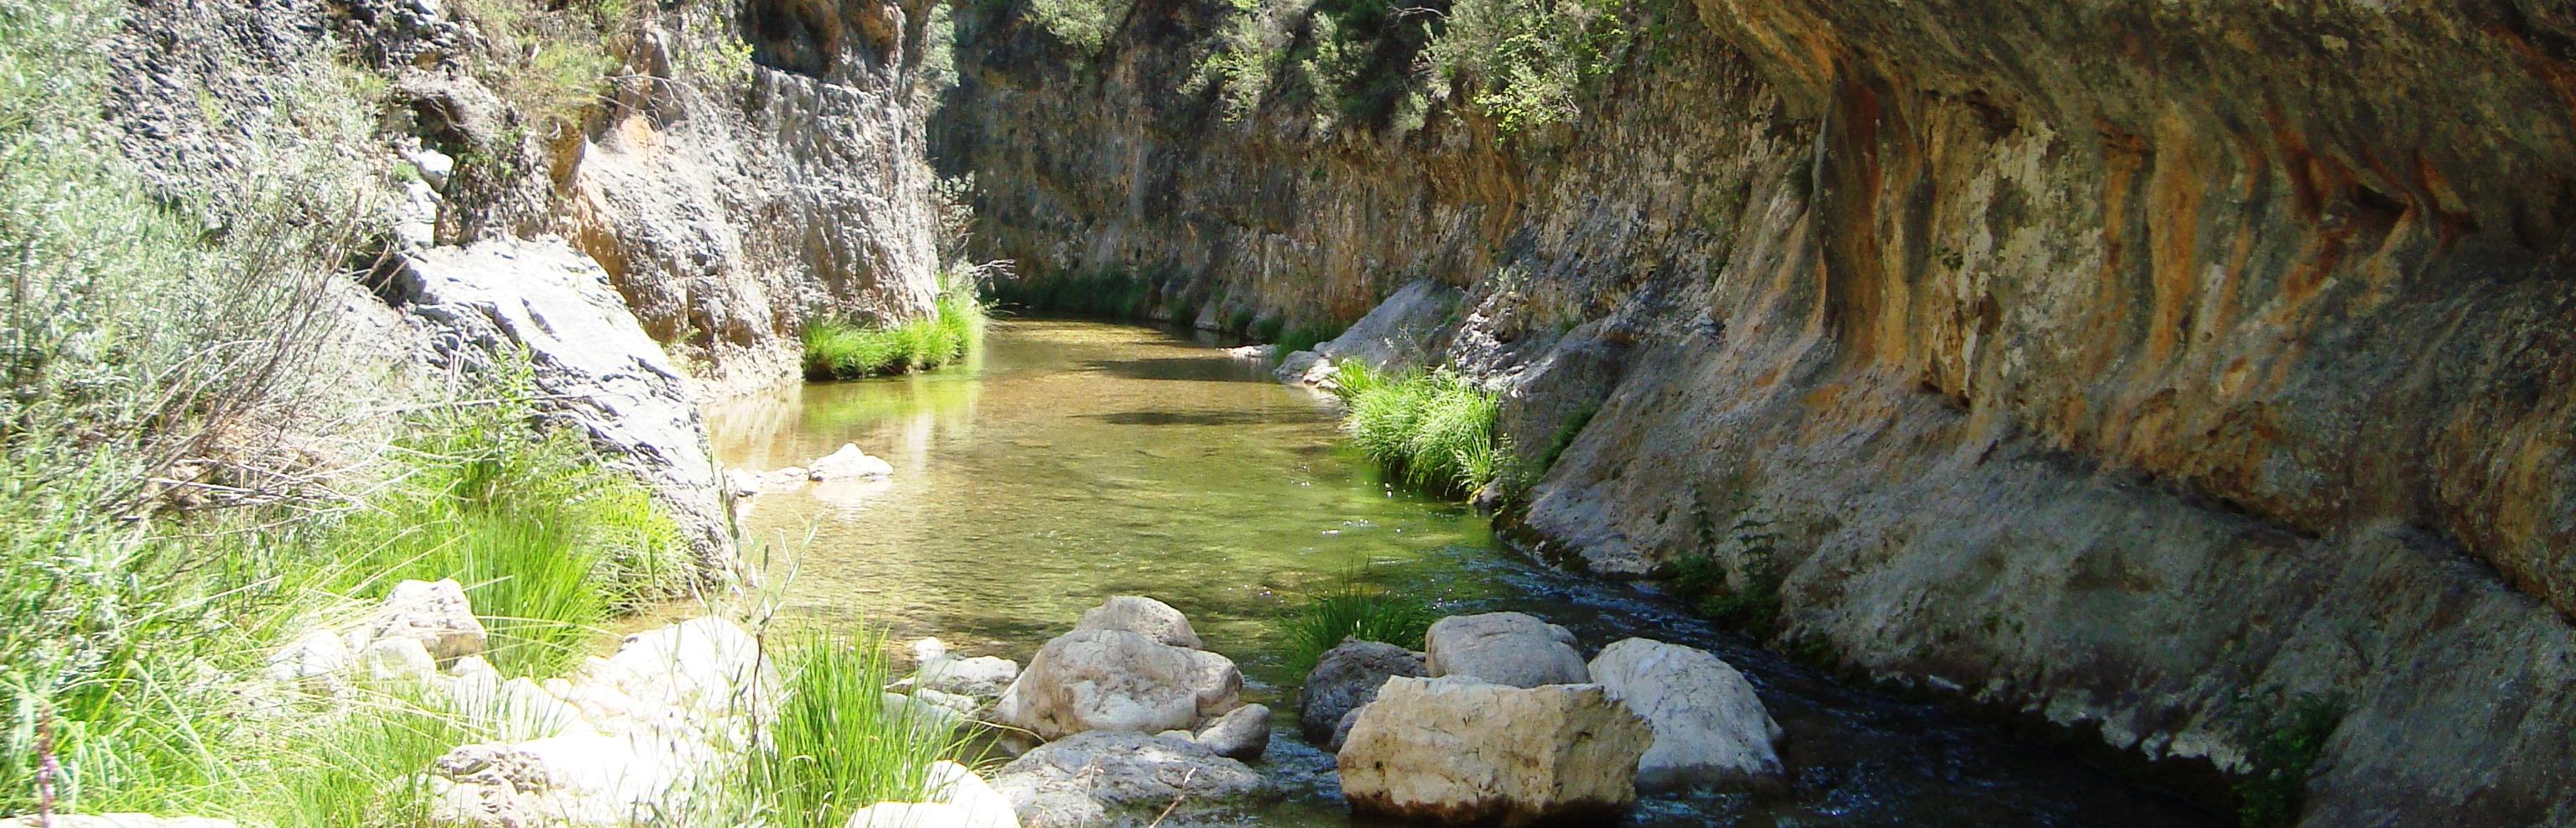 El río Tús